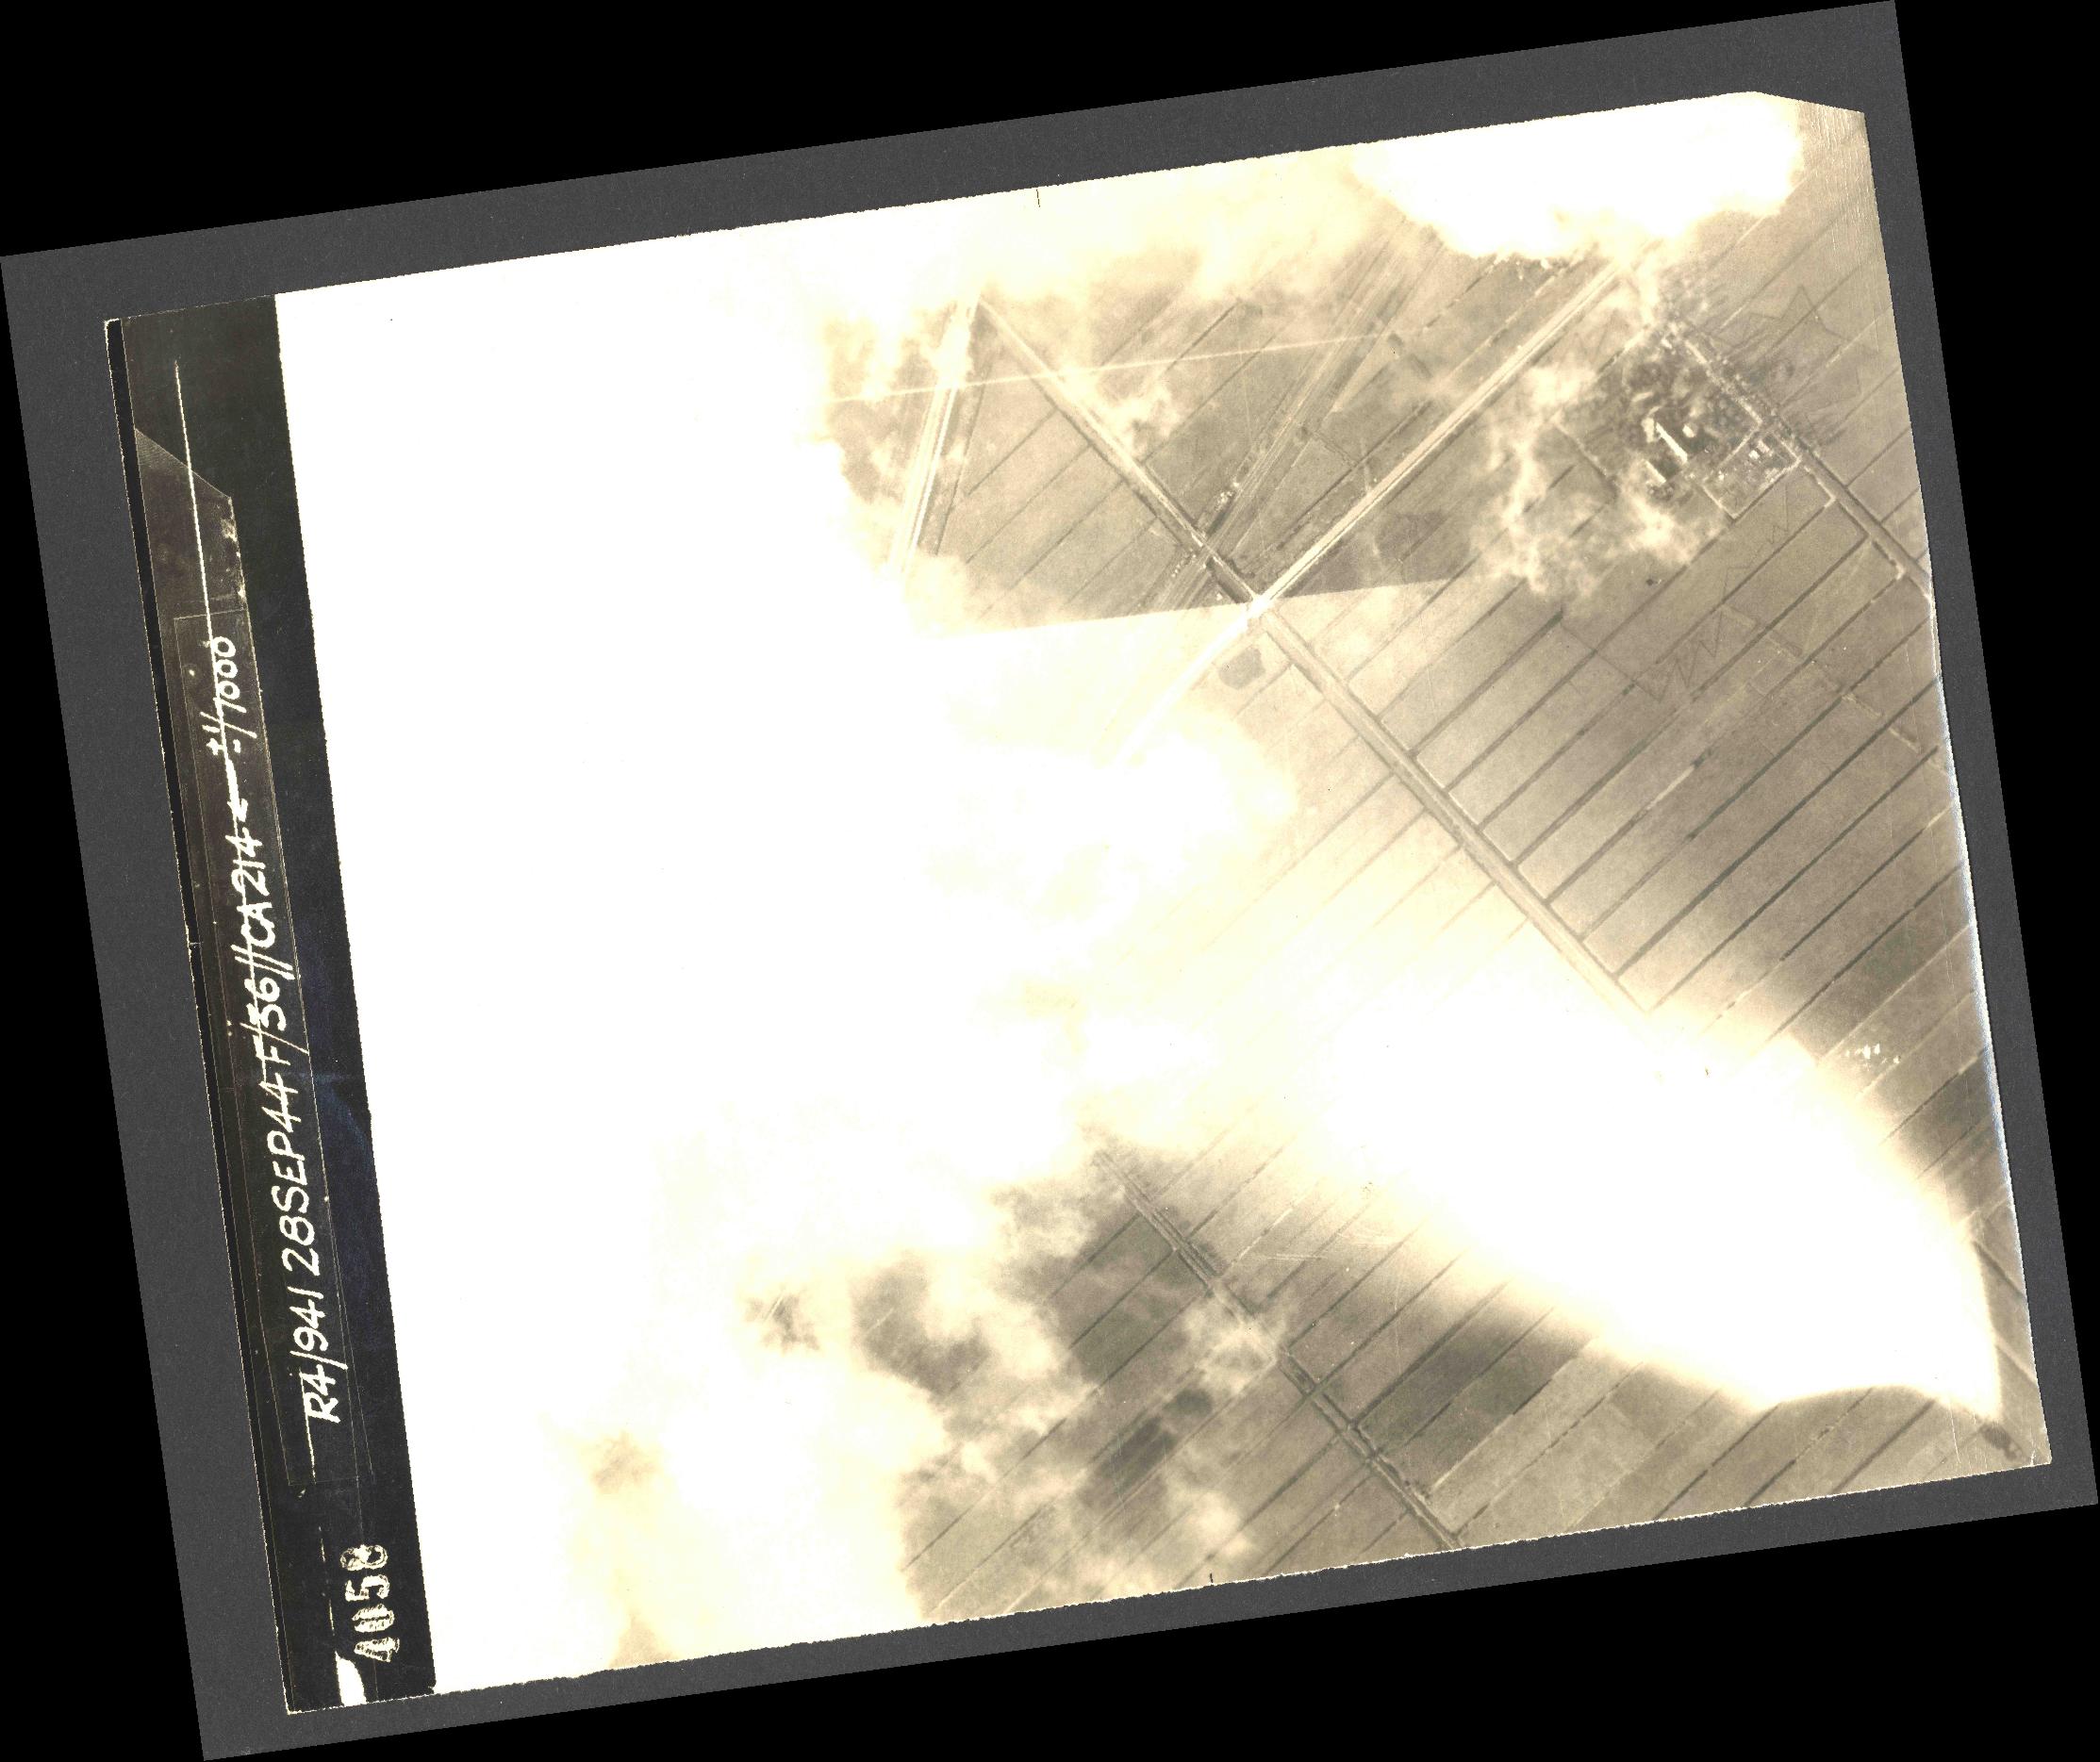 Collection RAF aerial photos 1940-1945 - flight 067, run 07, photo 4058